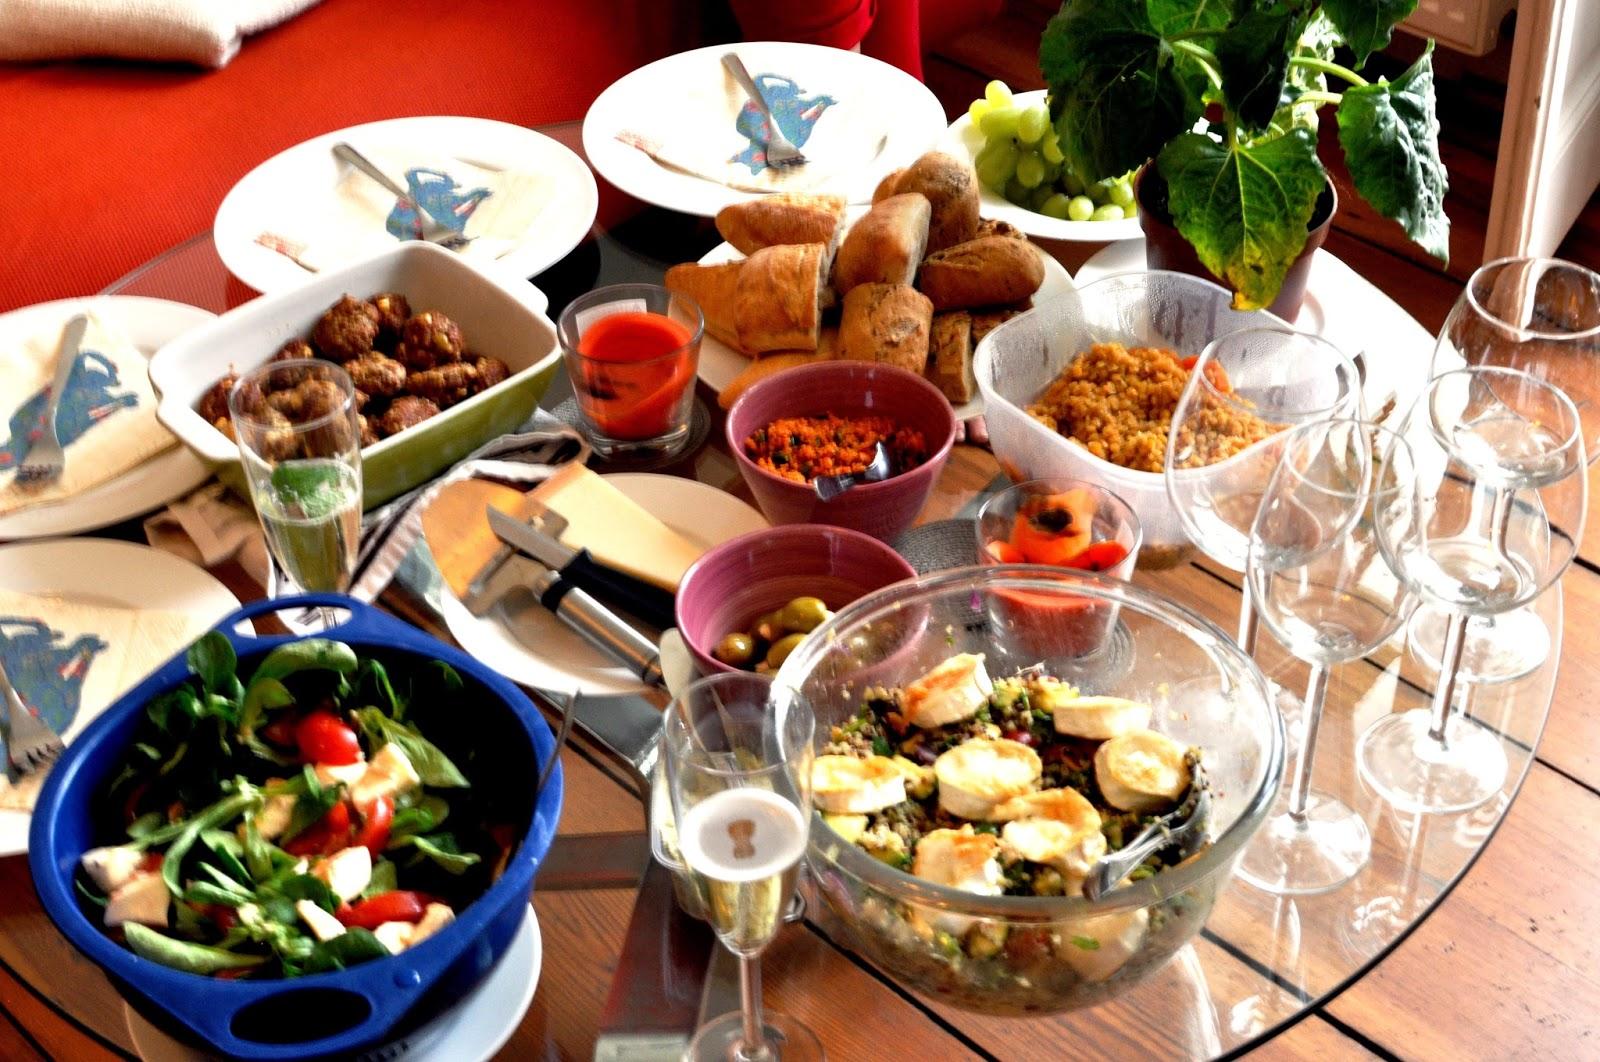 Illallis/piknik-menu sisältää mm. lihapullia ja kvinoasalaattia.